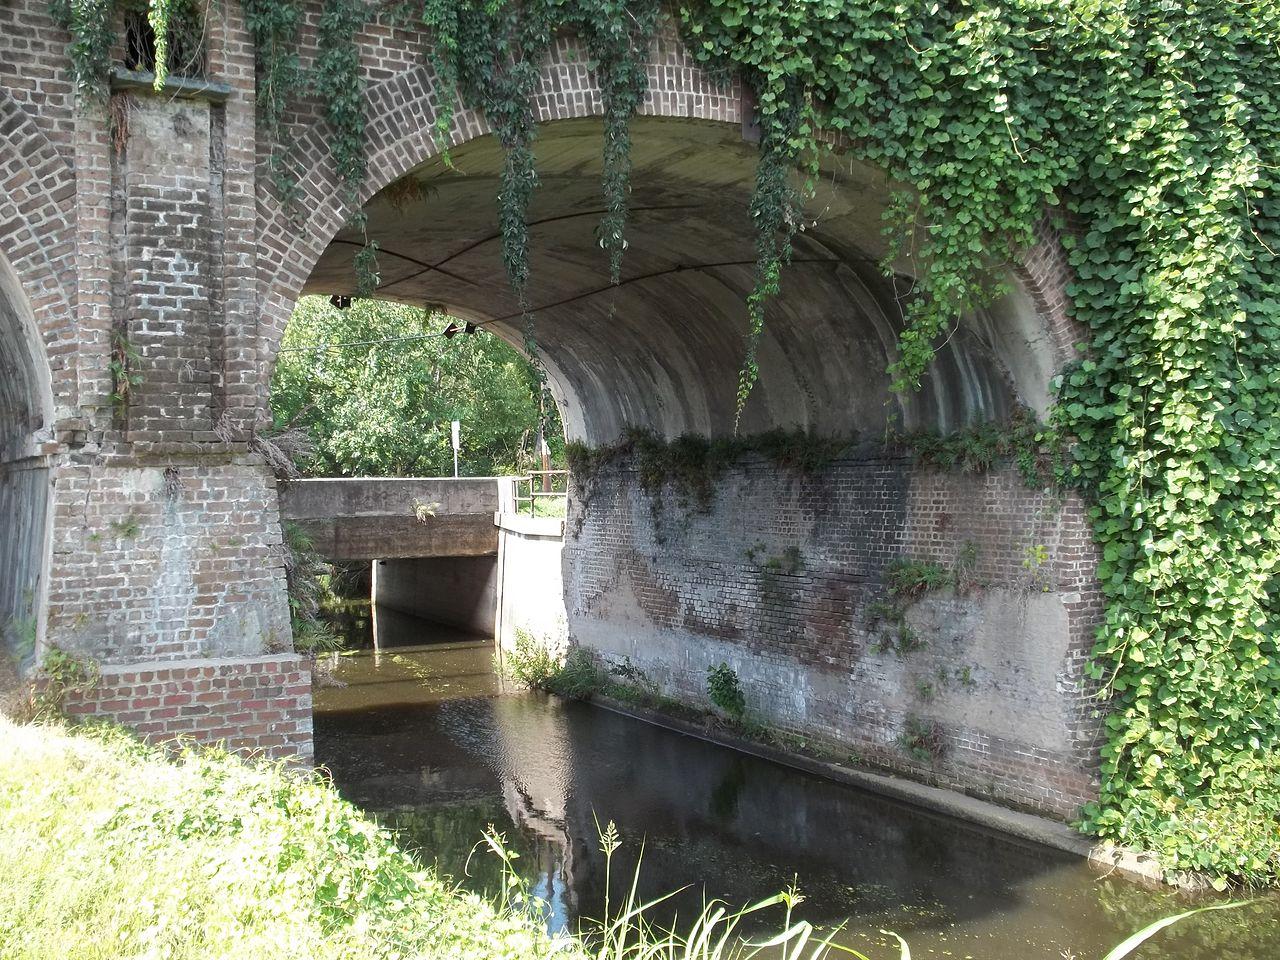 Savannah Ogeechee Canal Museum And Nature Center